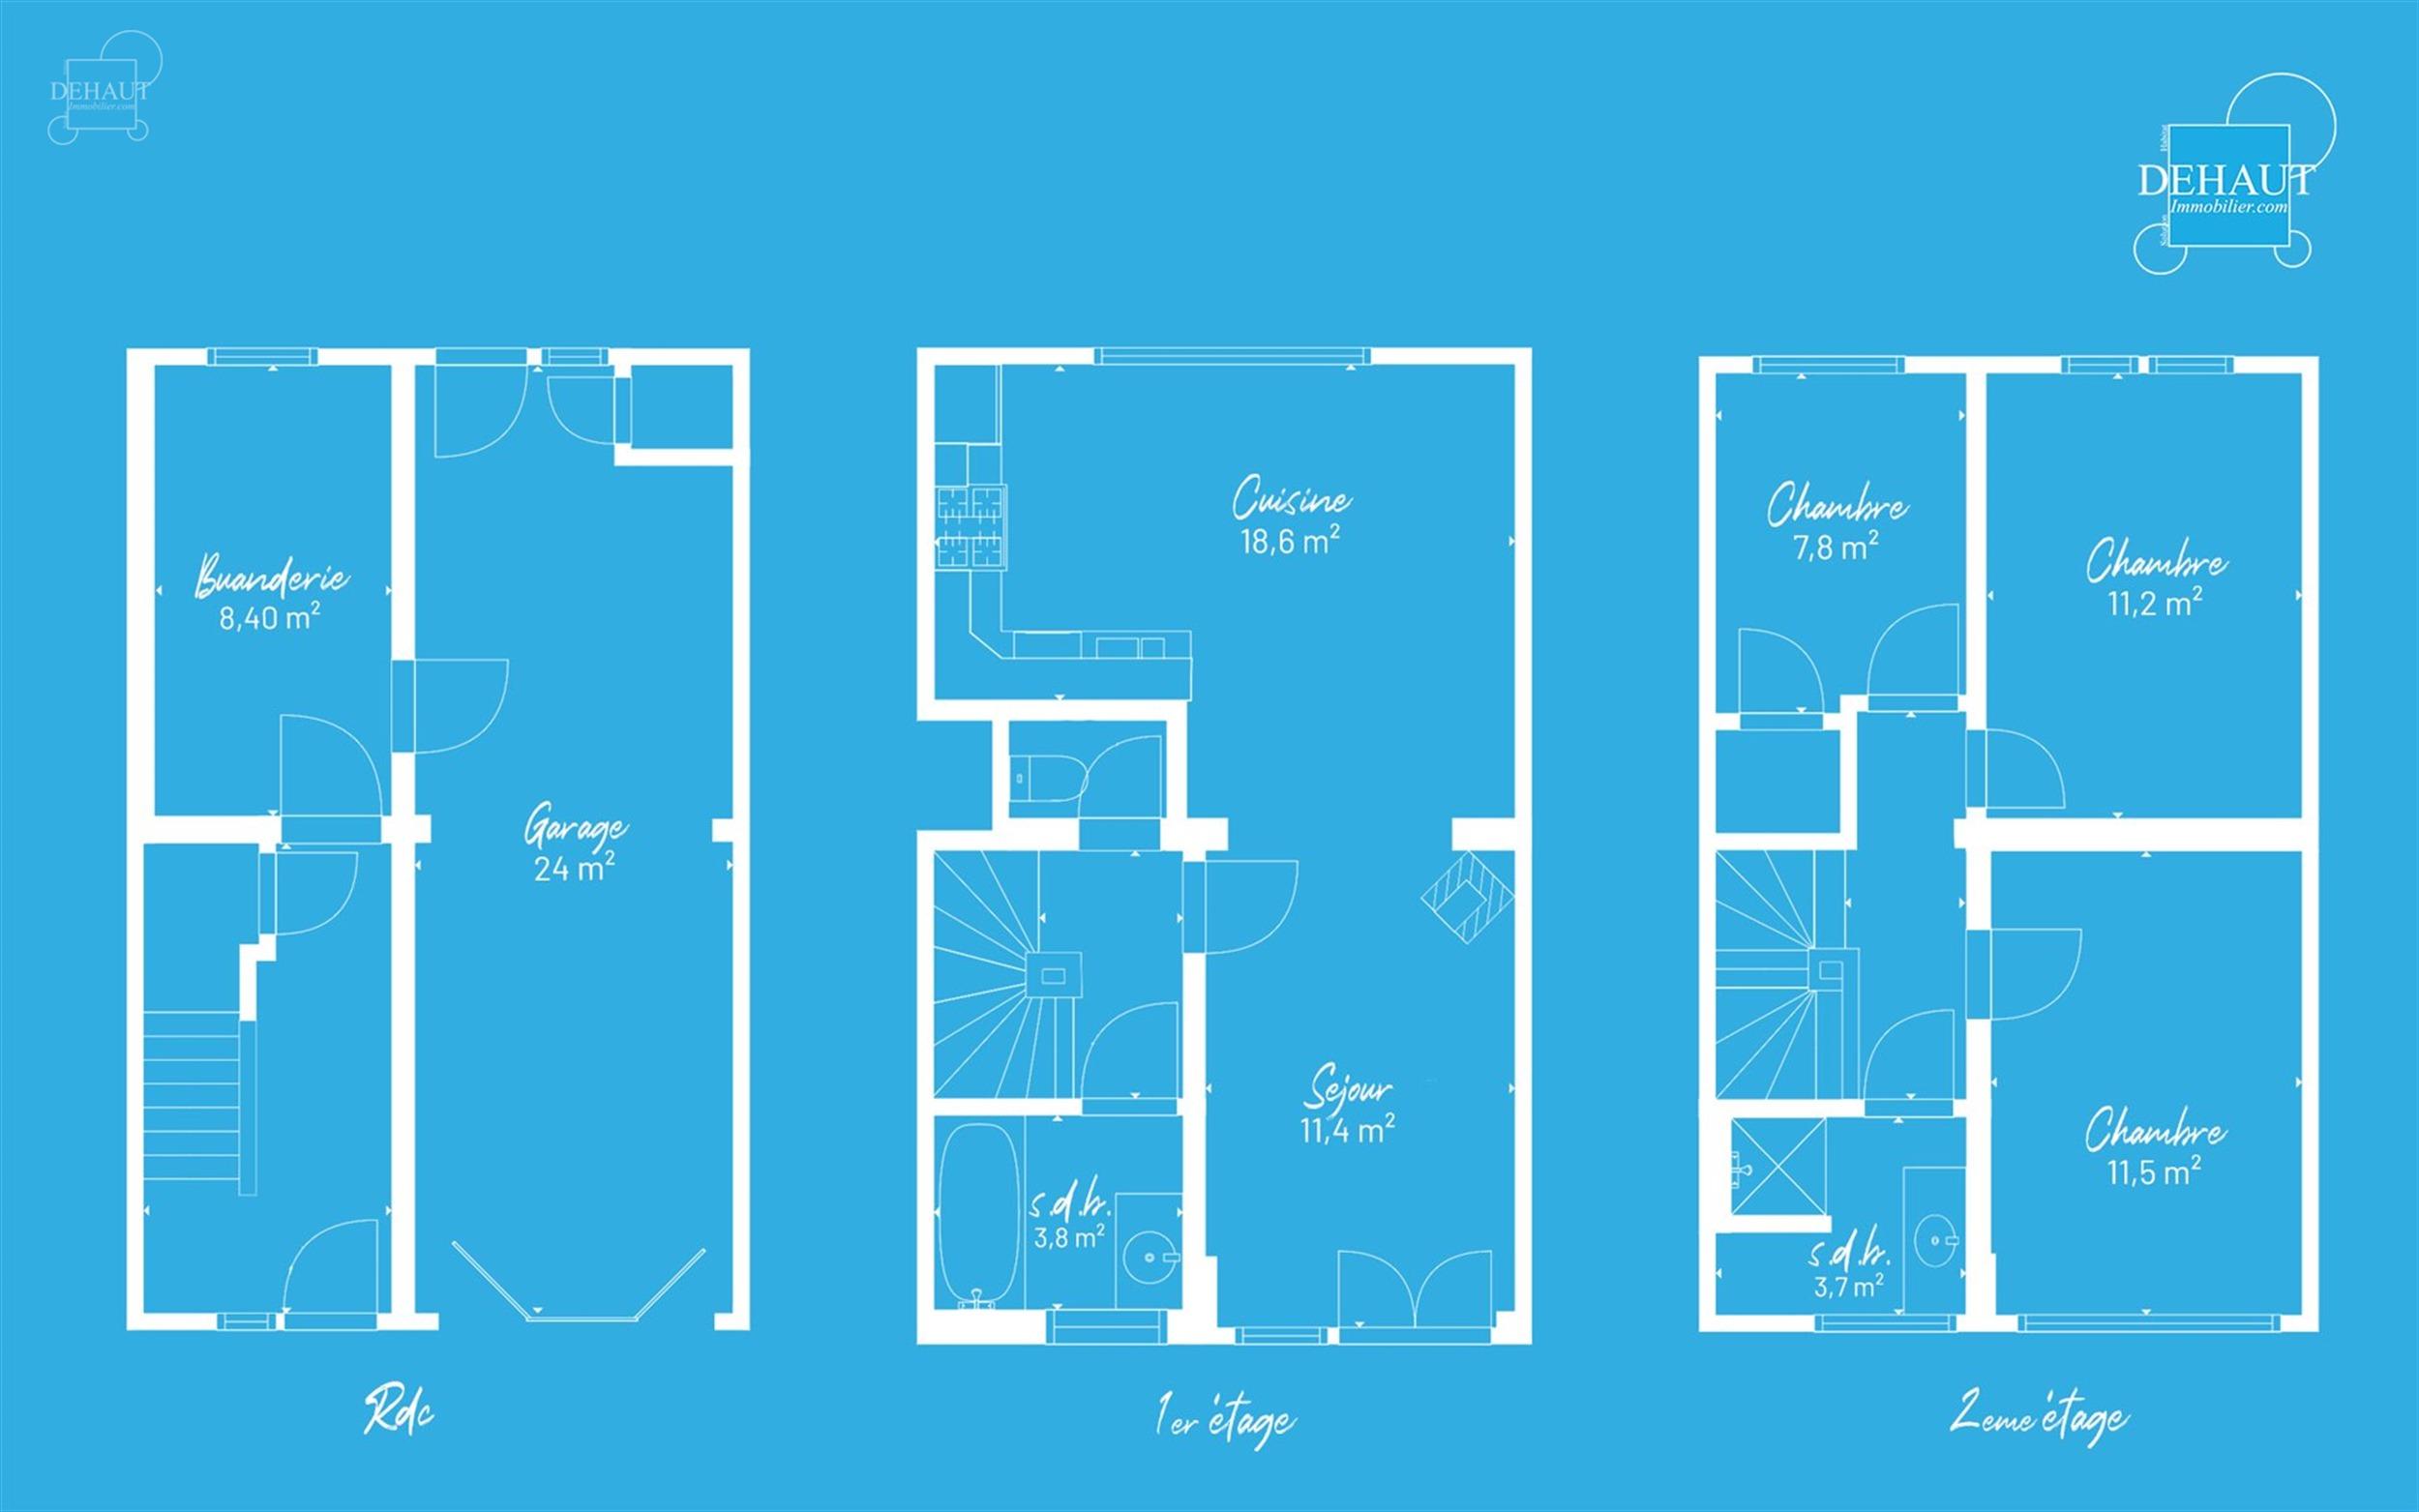 Jolie maison bel-étage située à 2 pas du centre-ville proposant 3 chambres, 2 salles de bains, un jardin et un garage! Bel et lumineux espace de v...